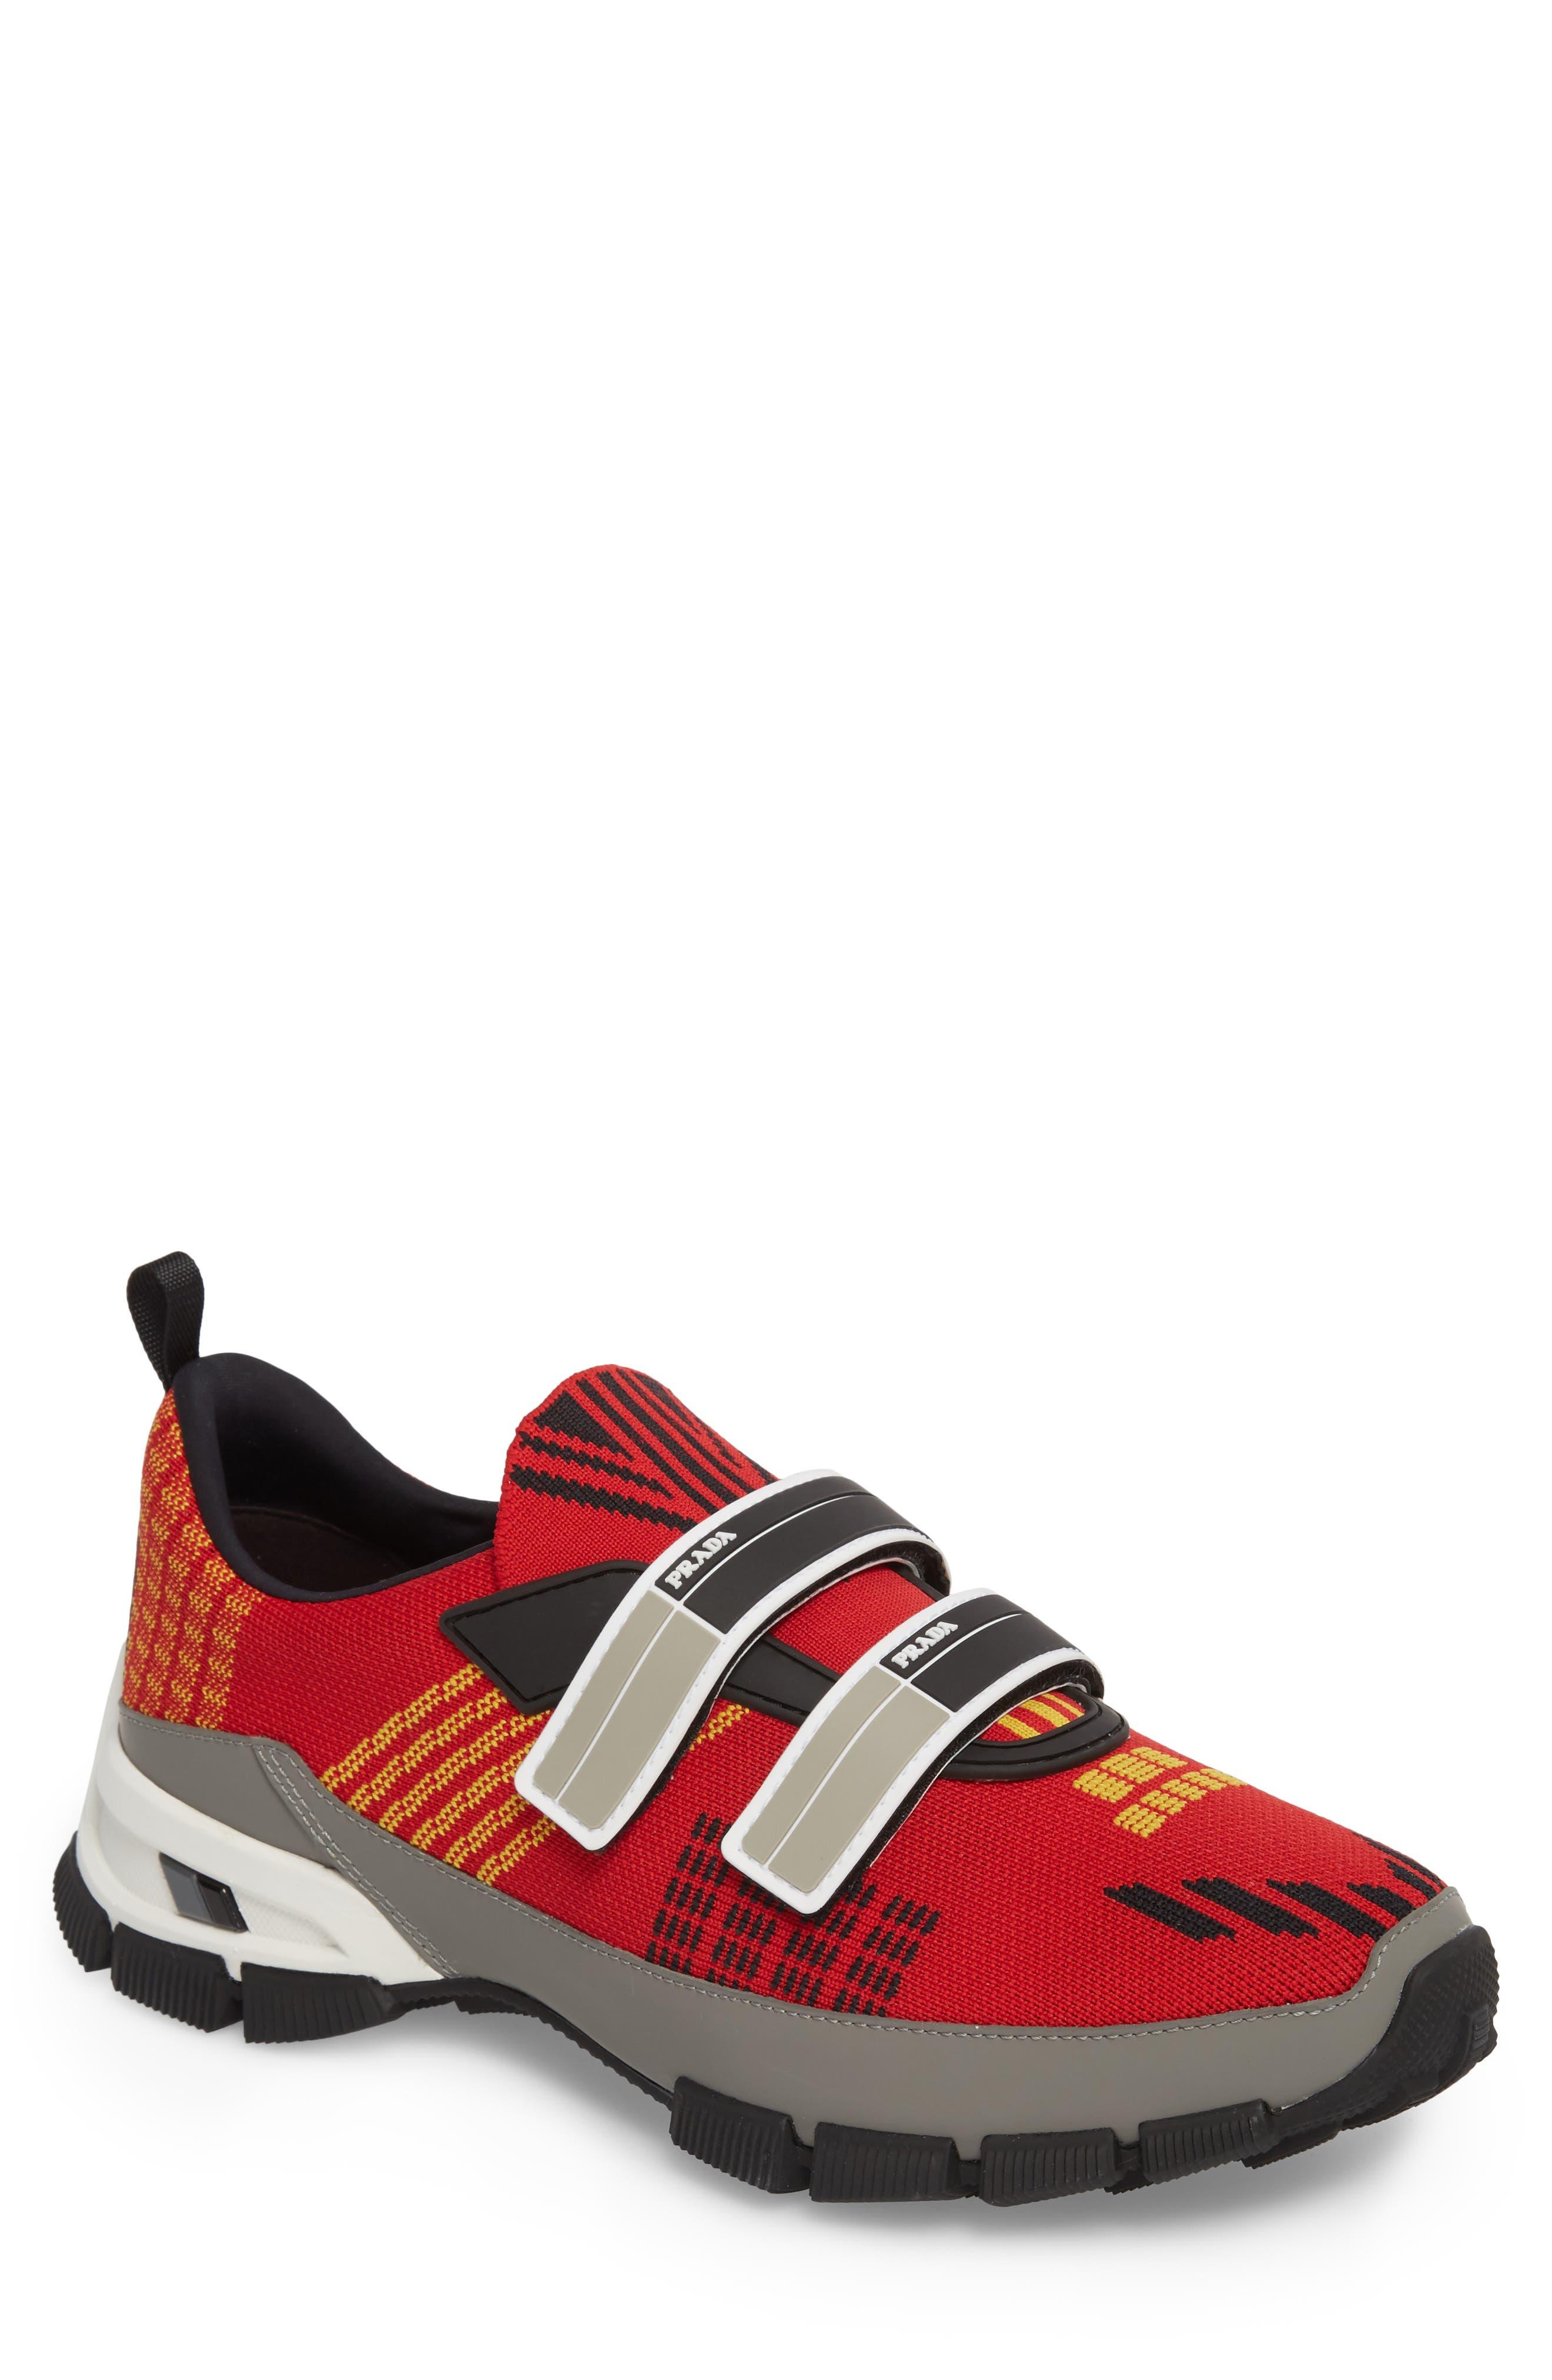 Linea Rossa Strap Sneaker,                             Main thumbnail 1, color,                             Scarlatto Red